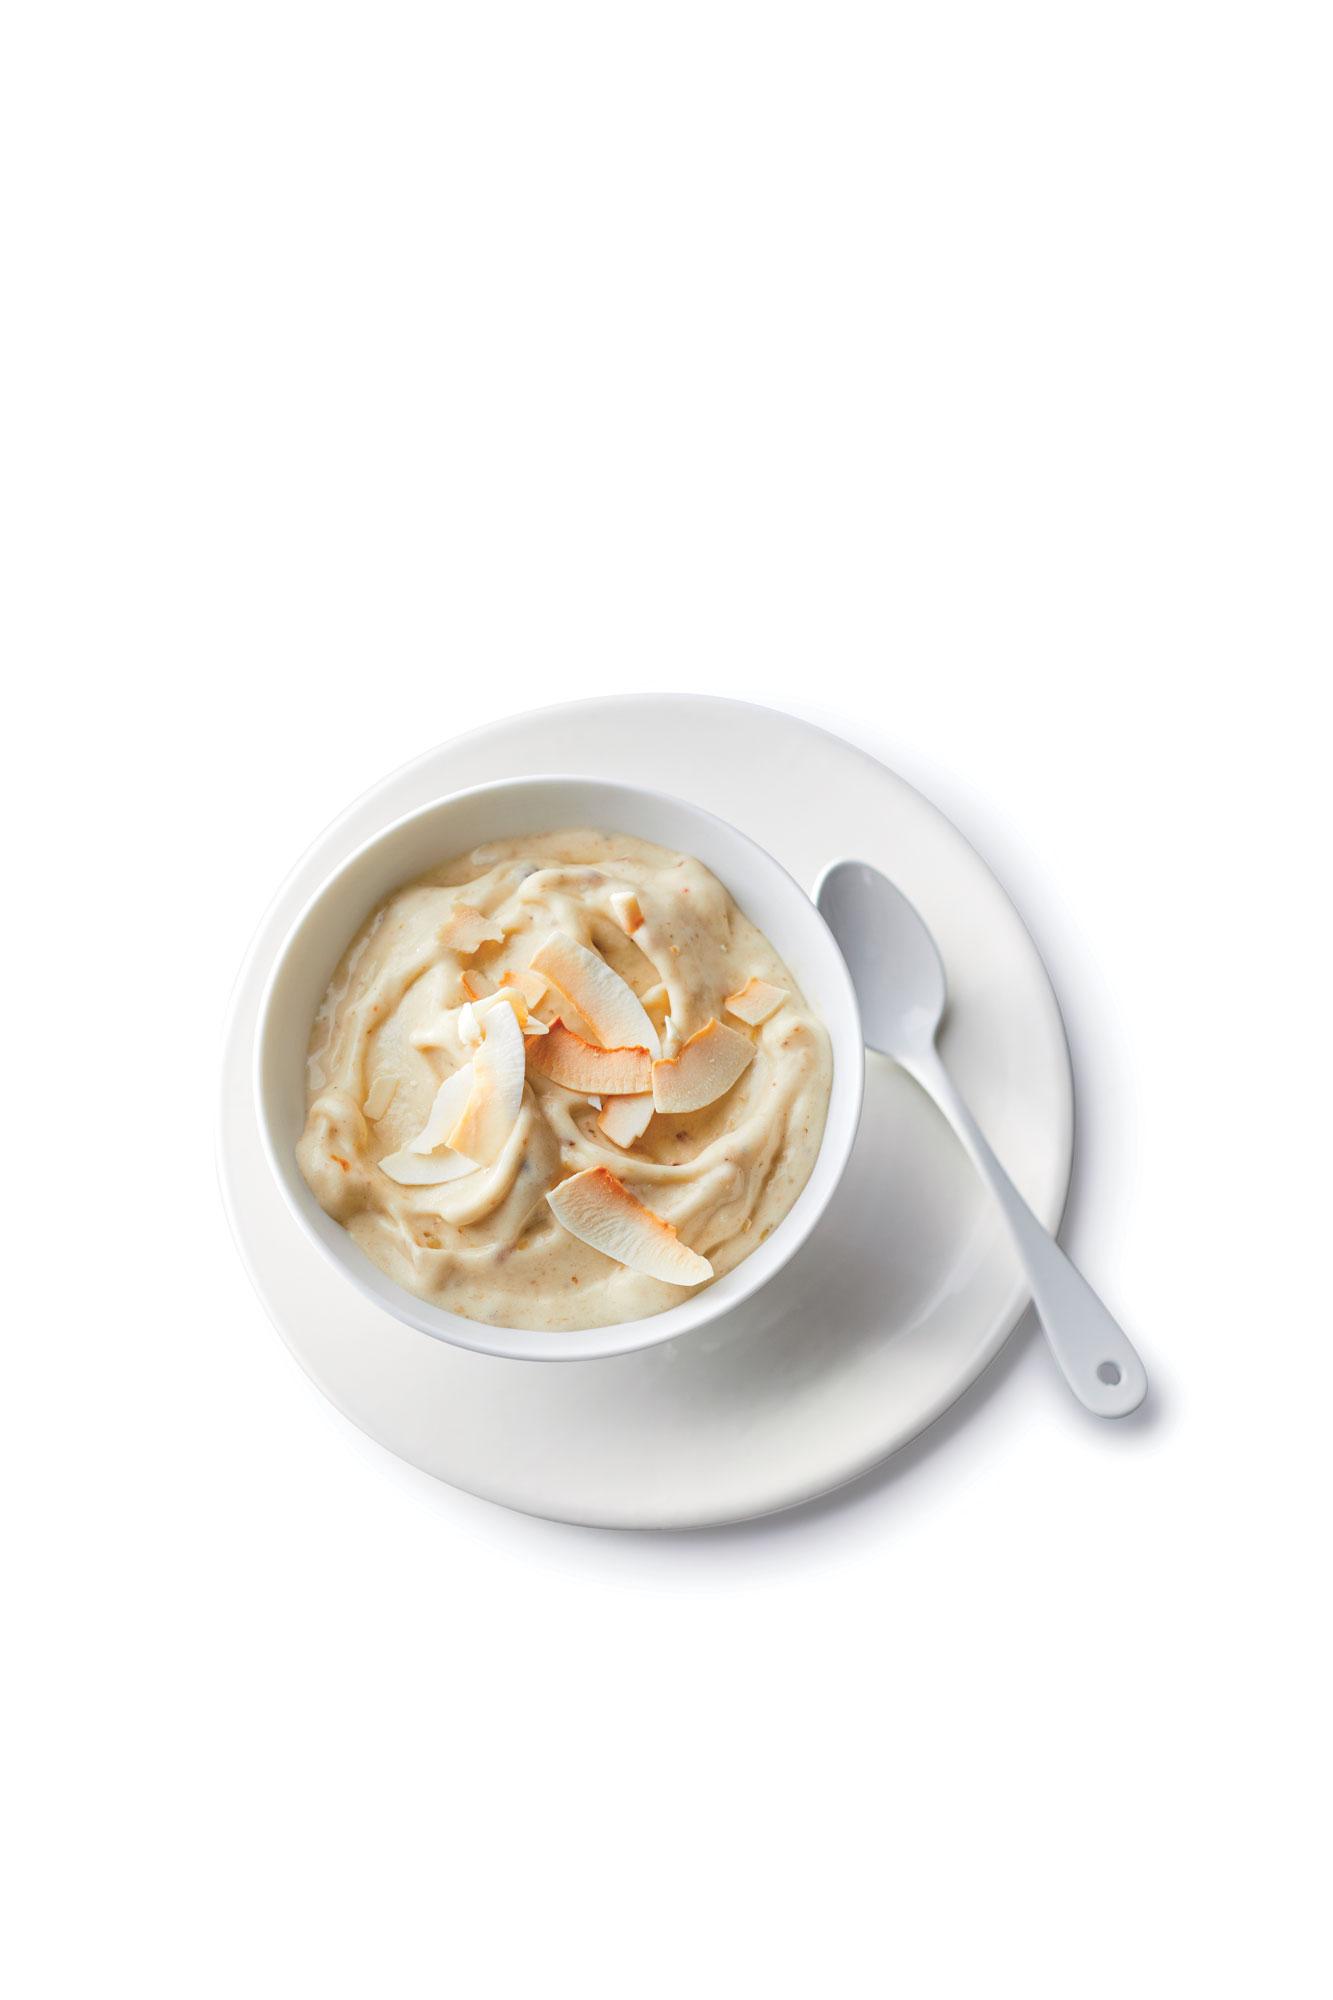 Soft Serve Nice Cream